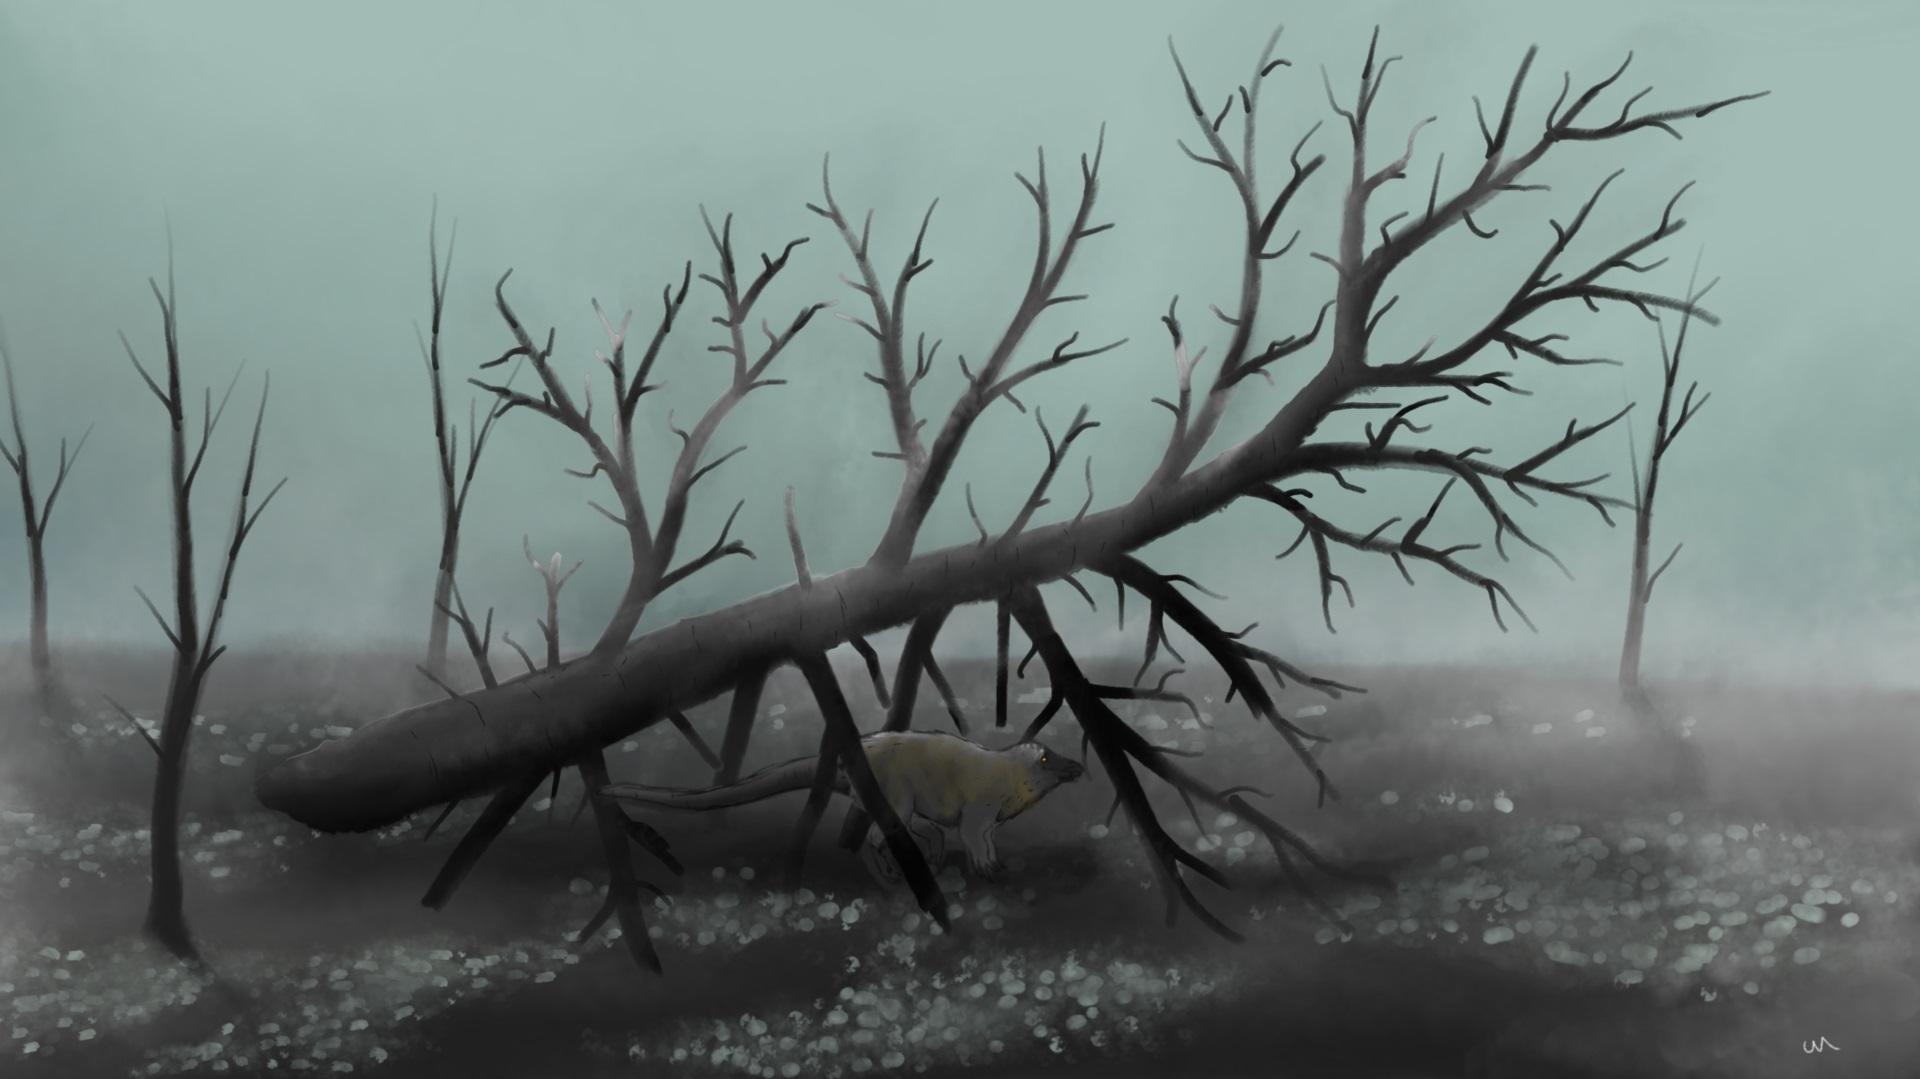 Ilustrace zobrazující ponurou atmosféru post-apokalyptického světa nejranějšího paleocénu. Osamělý jedinec ornitopodního dinosaura rodu Thescelosaurus je v tomto zdevastovaném světě odsouzen k pomalé smrti postupnou otravou toxickými plyny nebo vyhla